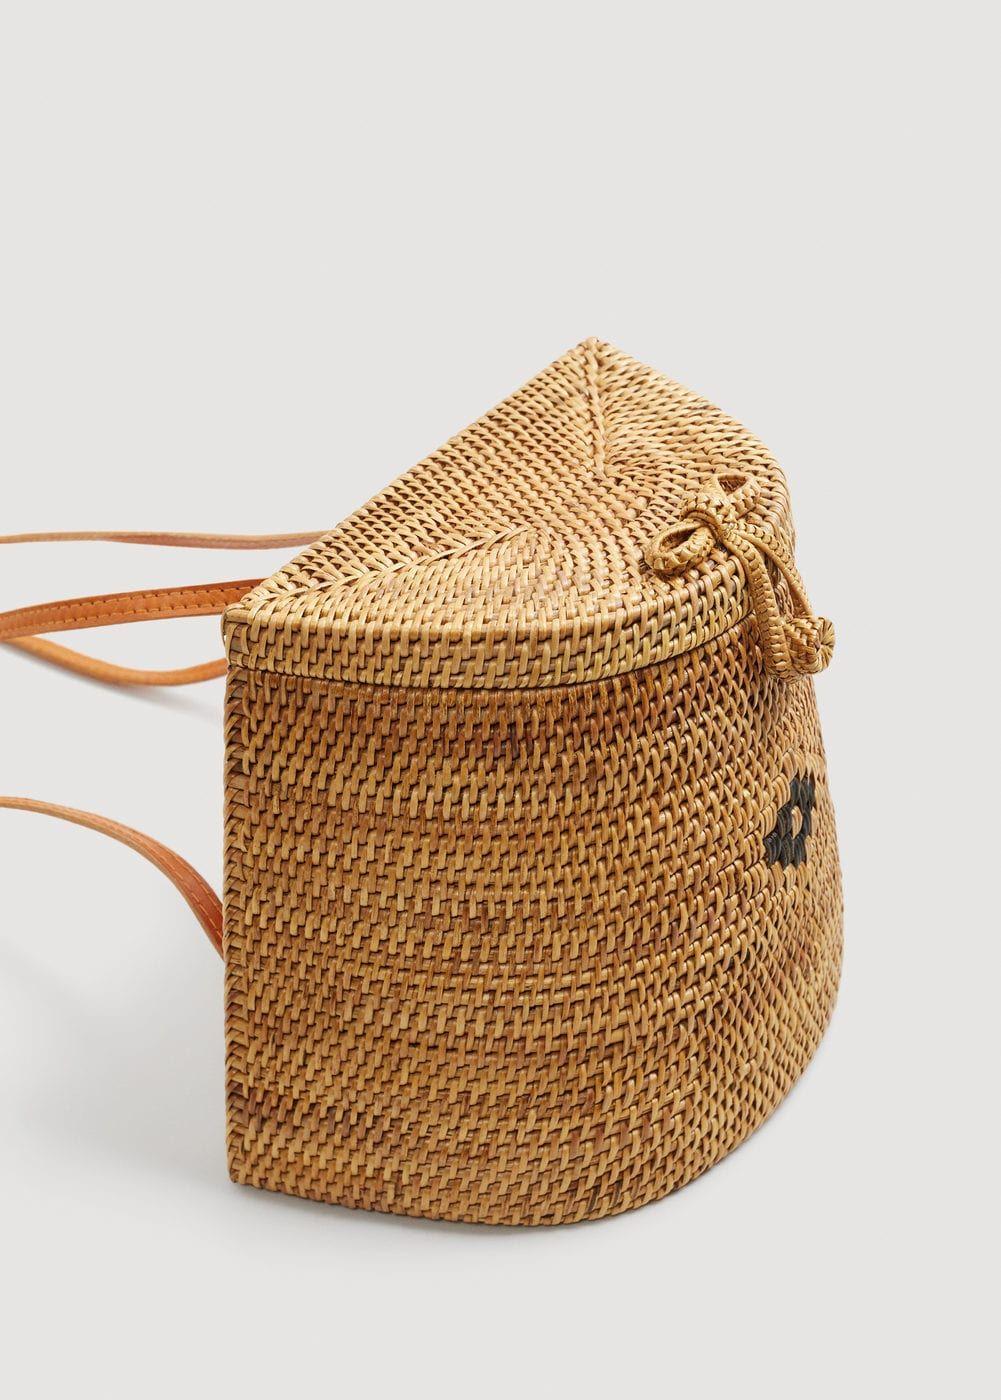 099bbf247bdfa0 Backpack m-- | MANGO Pantalones De Ciclista, Bolsos De Verano, Mimbre,